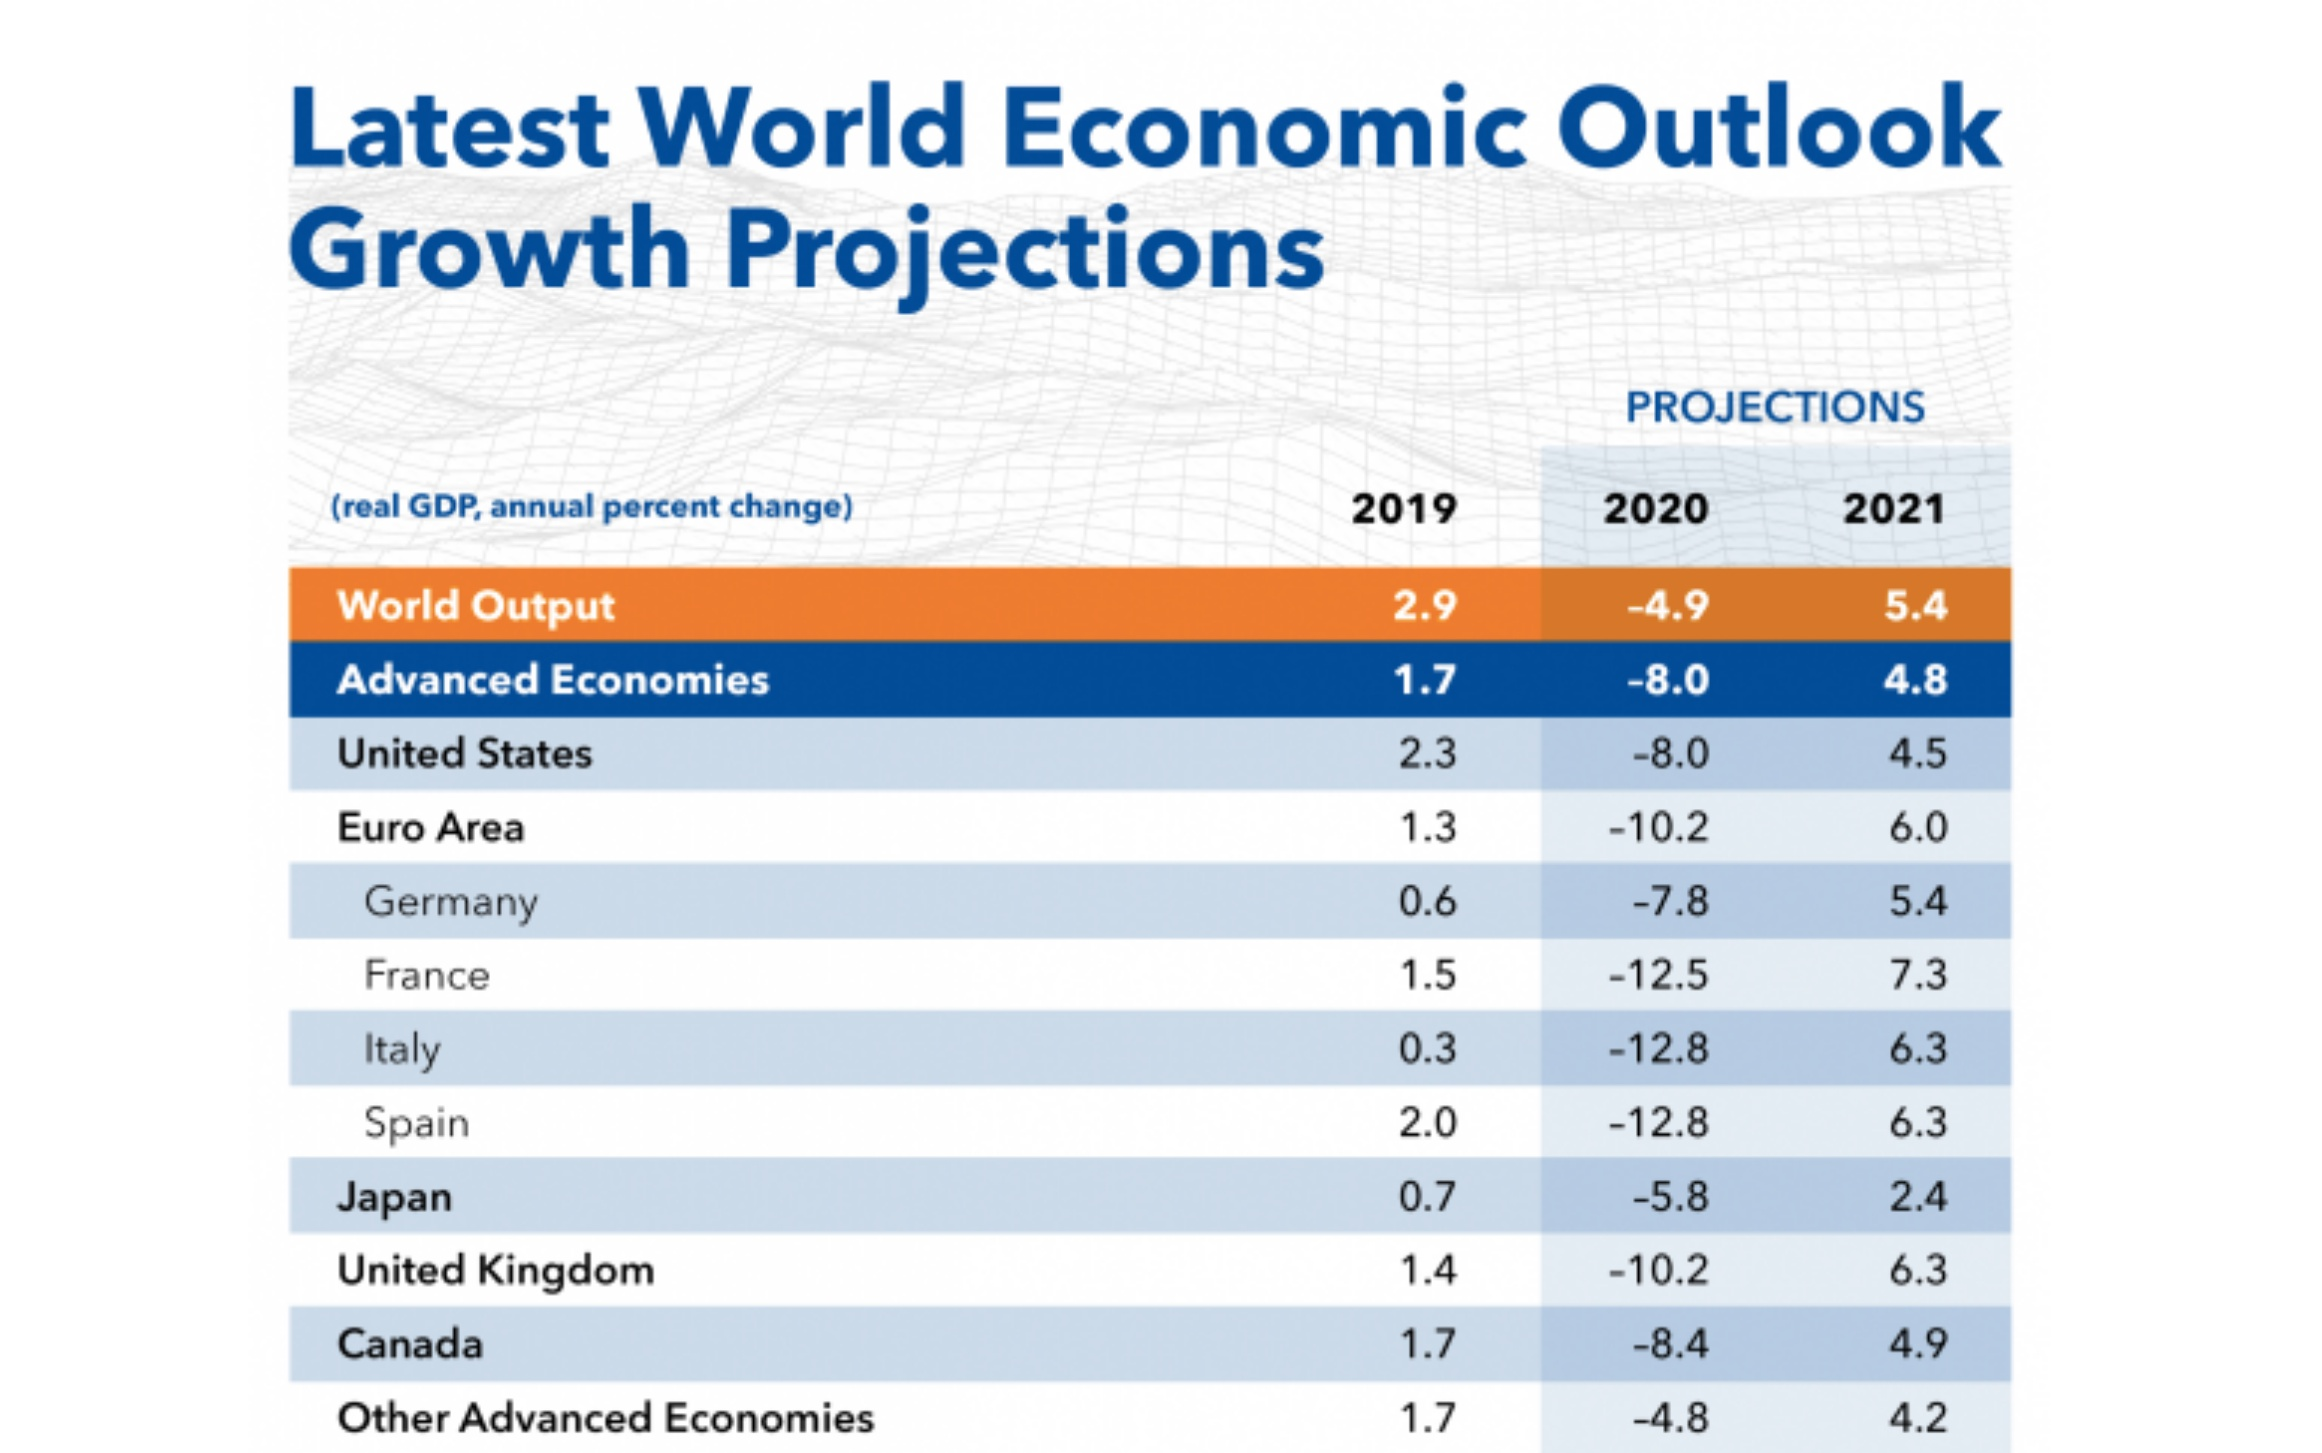 Fmi: per Italia nel 2020 crollo record Pil a -12,8%